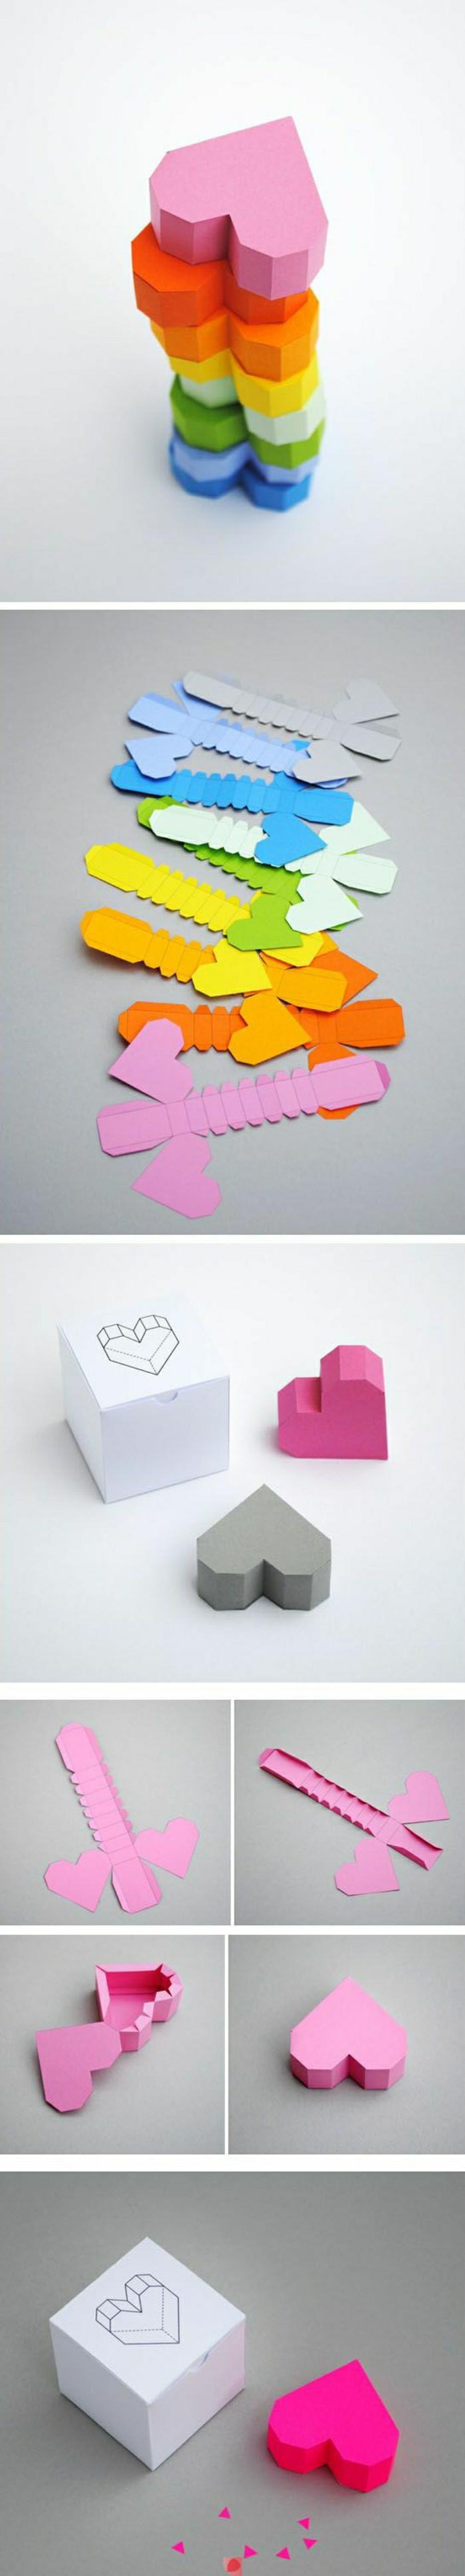 pliage-papier-comment-faire-un-origamie-en-papier-coloré-rose-figures-en-papier